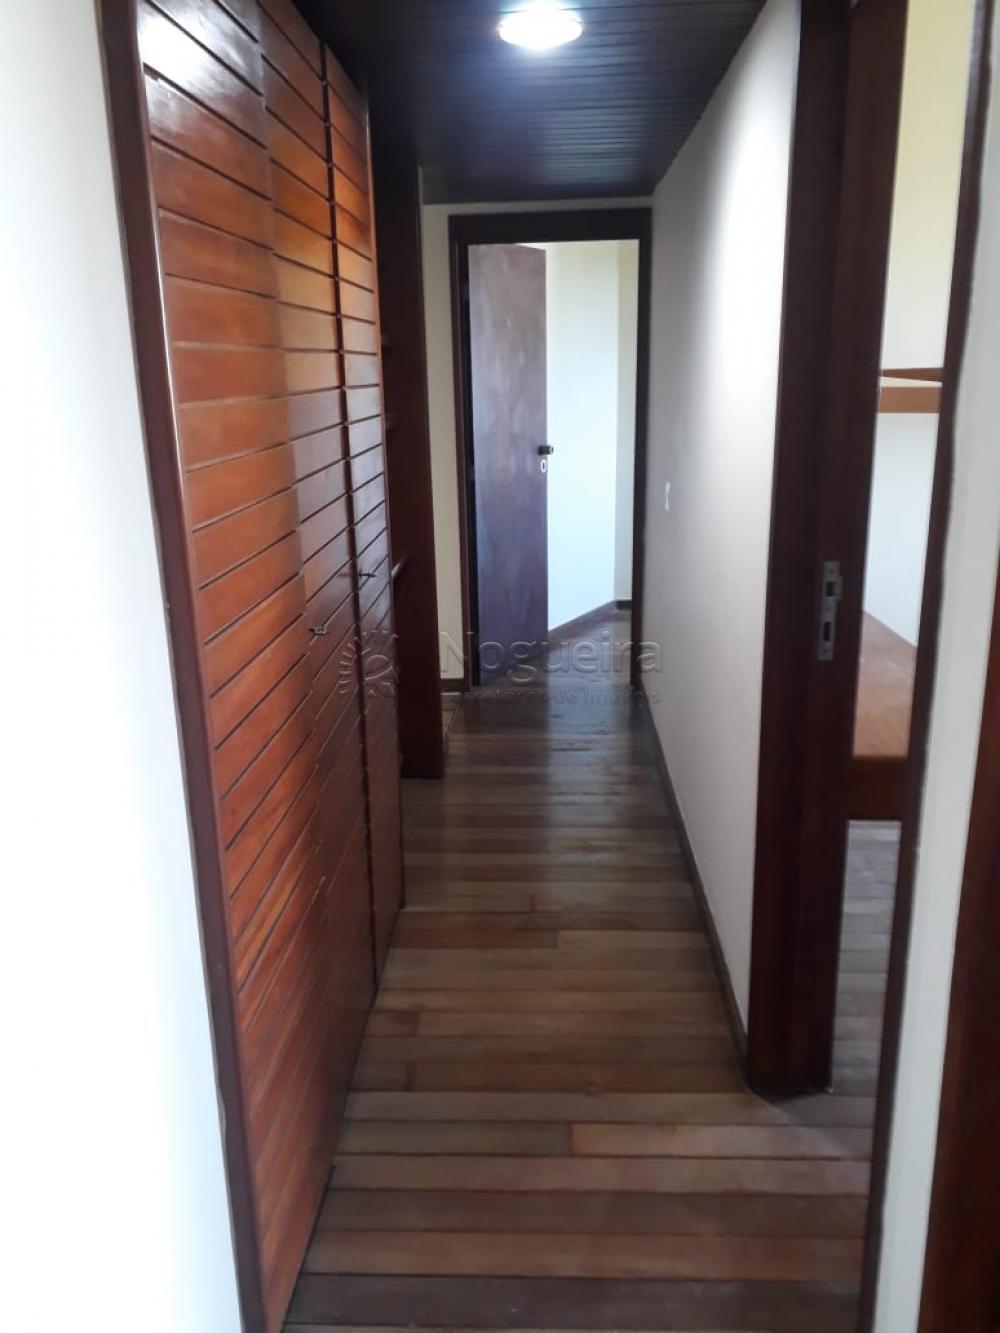 Excelente apartamento de 150 metros quadrados no bairro do Derby com ampla varanda, sala para 3 ambientes, banheiro social, 3 quartos com armários sendo 1 suíte, corredor com armários, cozinha com copa, área de serviço e DCE.